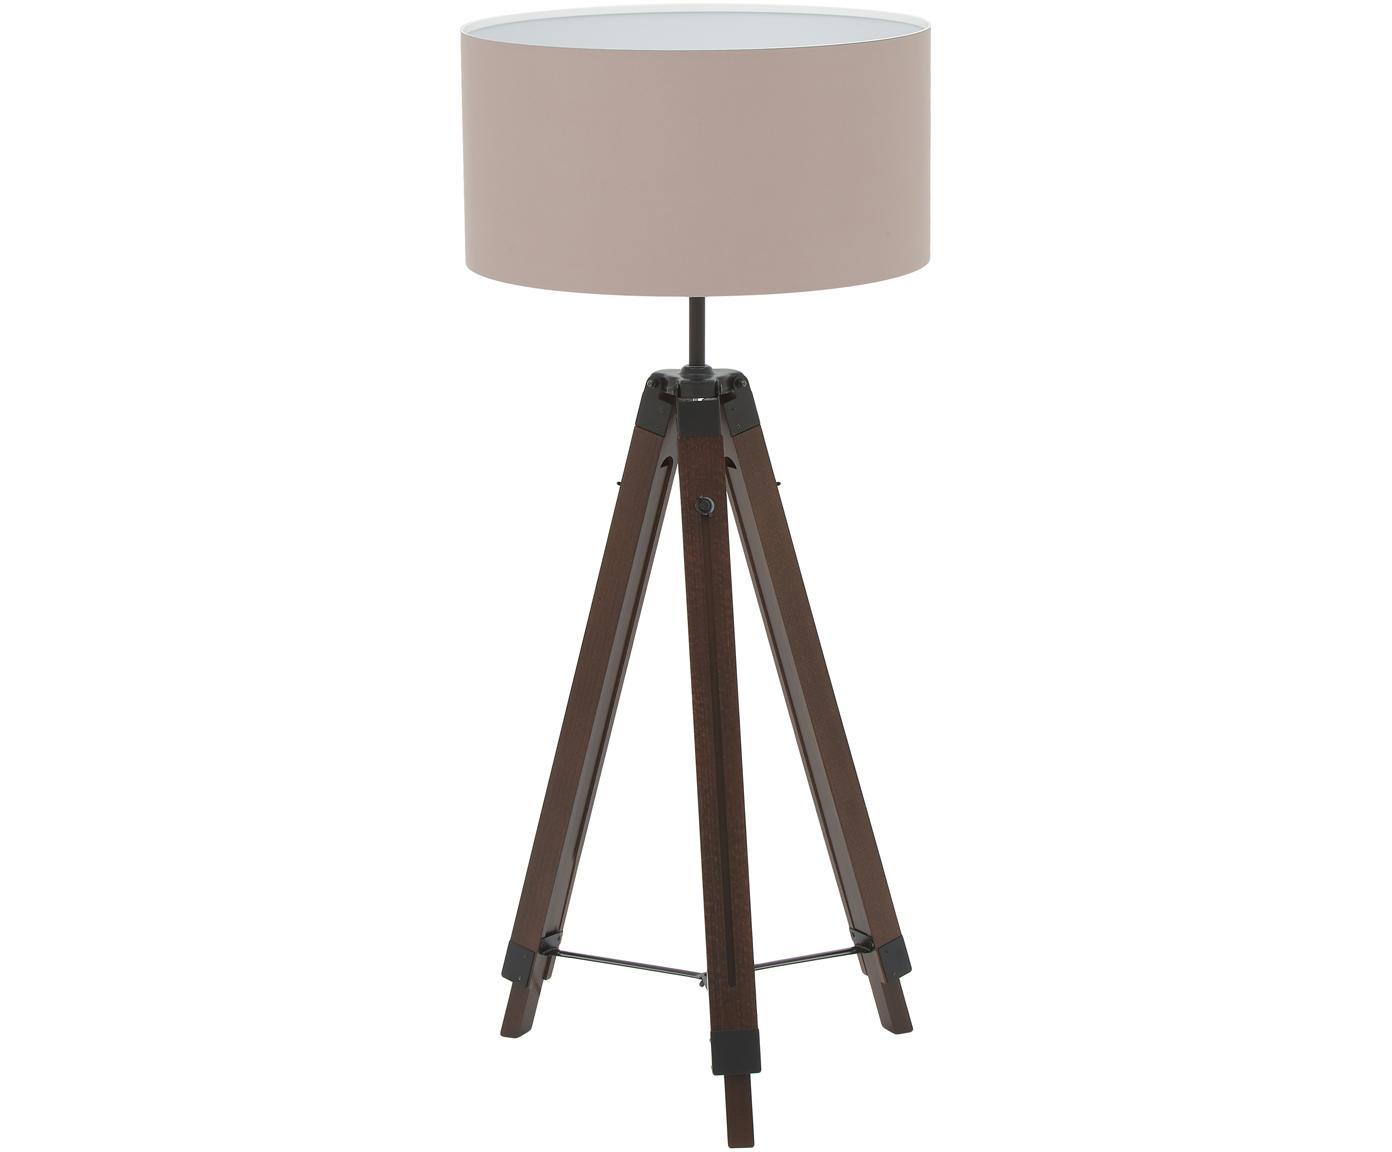 Stehlampe Josey aus Walnussholz, Lampenschirm: Textil, Lampenfuss: Walnuss, Schwarz<br>Lampenschirm: Taupe, Ø 70 x H 150 cm